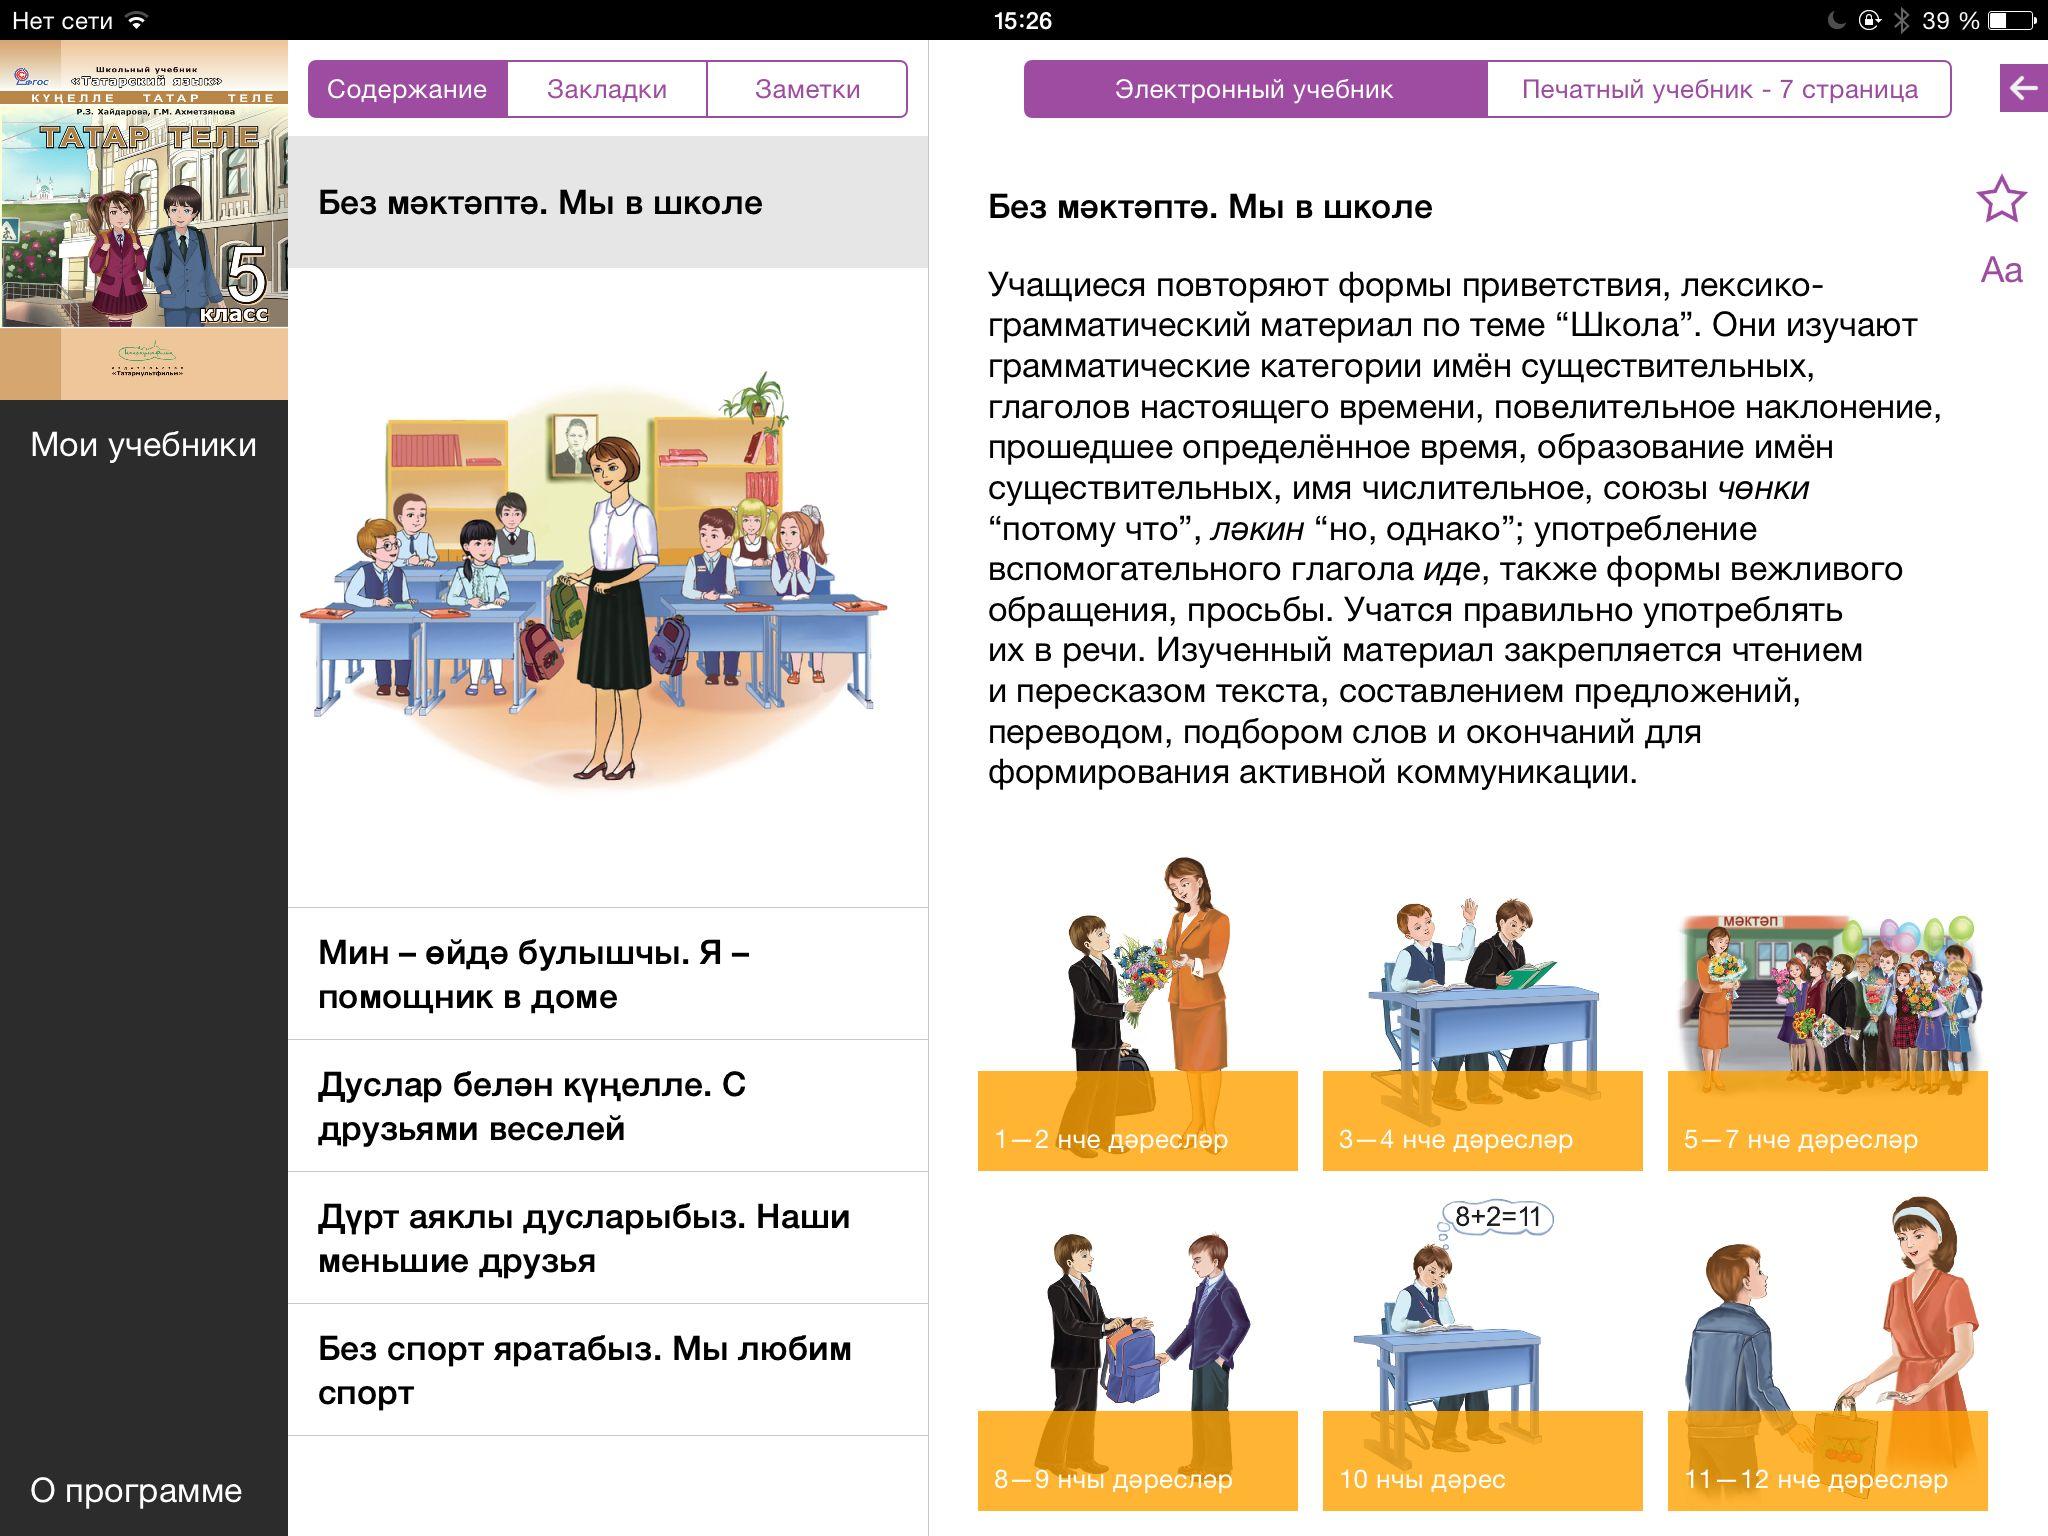 гдз по татарскому языку 9 класс хасаншина